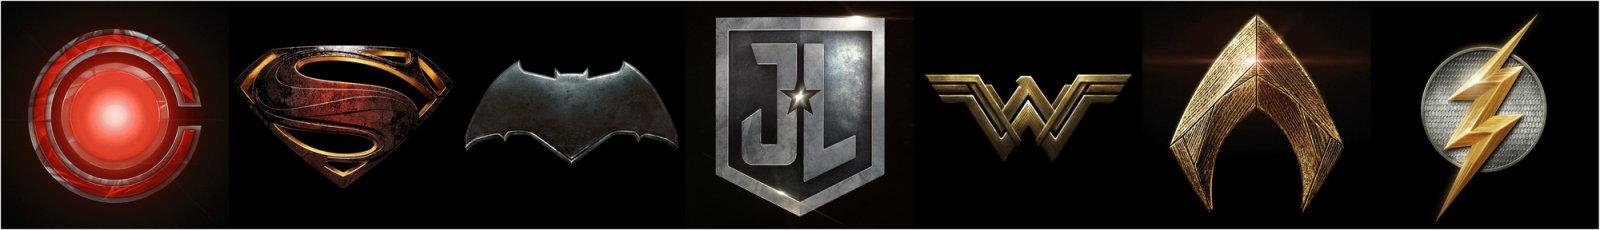 【更新蝙蝠侠个人预告】《正义联盟》放出超级英雄个人预告